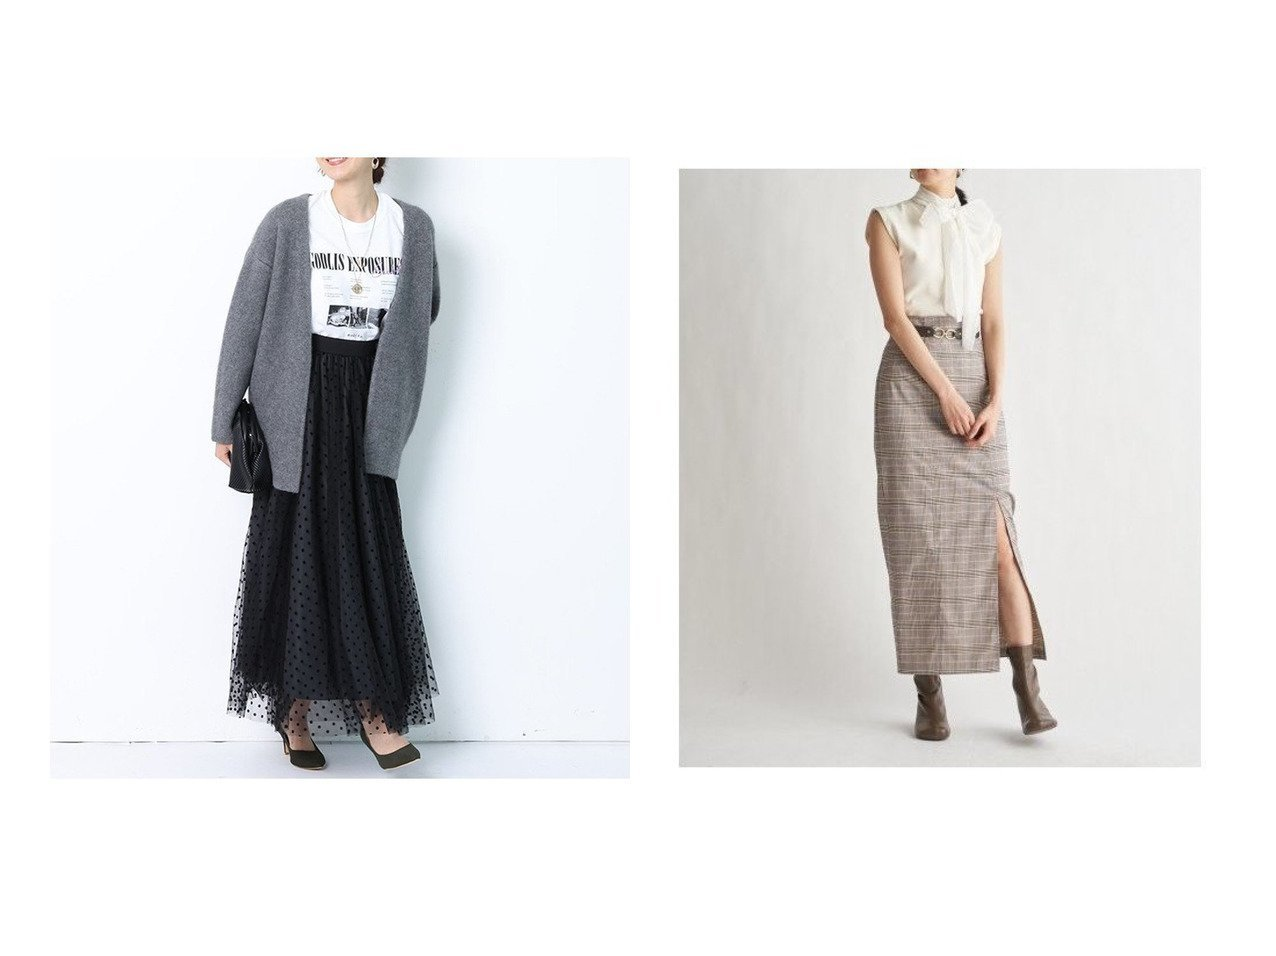 【SNIDEL/スナイデル】のフロントスリットナロースカート&【JUSGLITTY/ジャスグリッティー】のドットチュールスカート 【スカート】おすすめ!人気、トレンド・レディースファッションの通販 おすすめで人気の流行・トレンド、ファッションの通販商品 インテリア・家具・メンズファッション・キッズファッション・レディースファッション・服の通販 founy(ファニー) https://founy.com/ ファッション Fashion レディースファッション WOMEN スカート Skirt Aライン/フレアスカート Flared A-Line Skirts NEW・新作・新着・新入荷 New Arrivals エレガント ギャザー チュール ドット パーティ フェミニン フレア ロマンティック 秋 Autumn/Fall クラシカル 今季 ジャケット スマート スリット セットアップ とろみ チェック なめらか フロント ループ おすすめ Recommend |ID:crp329100000066464